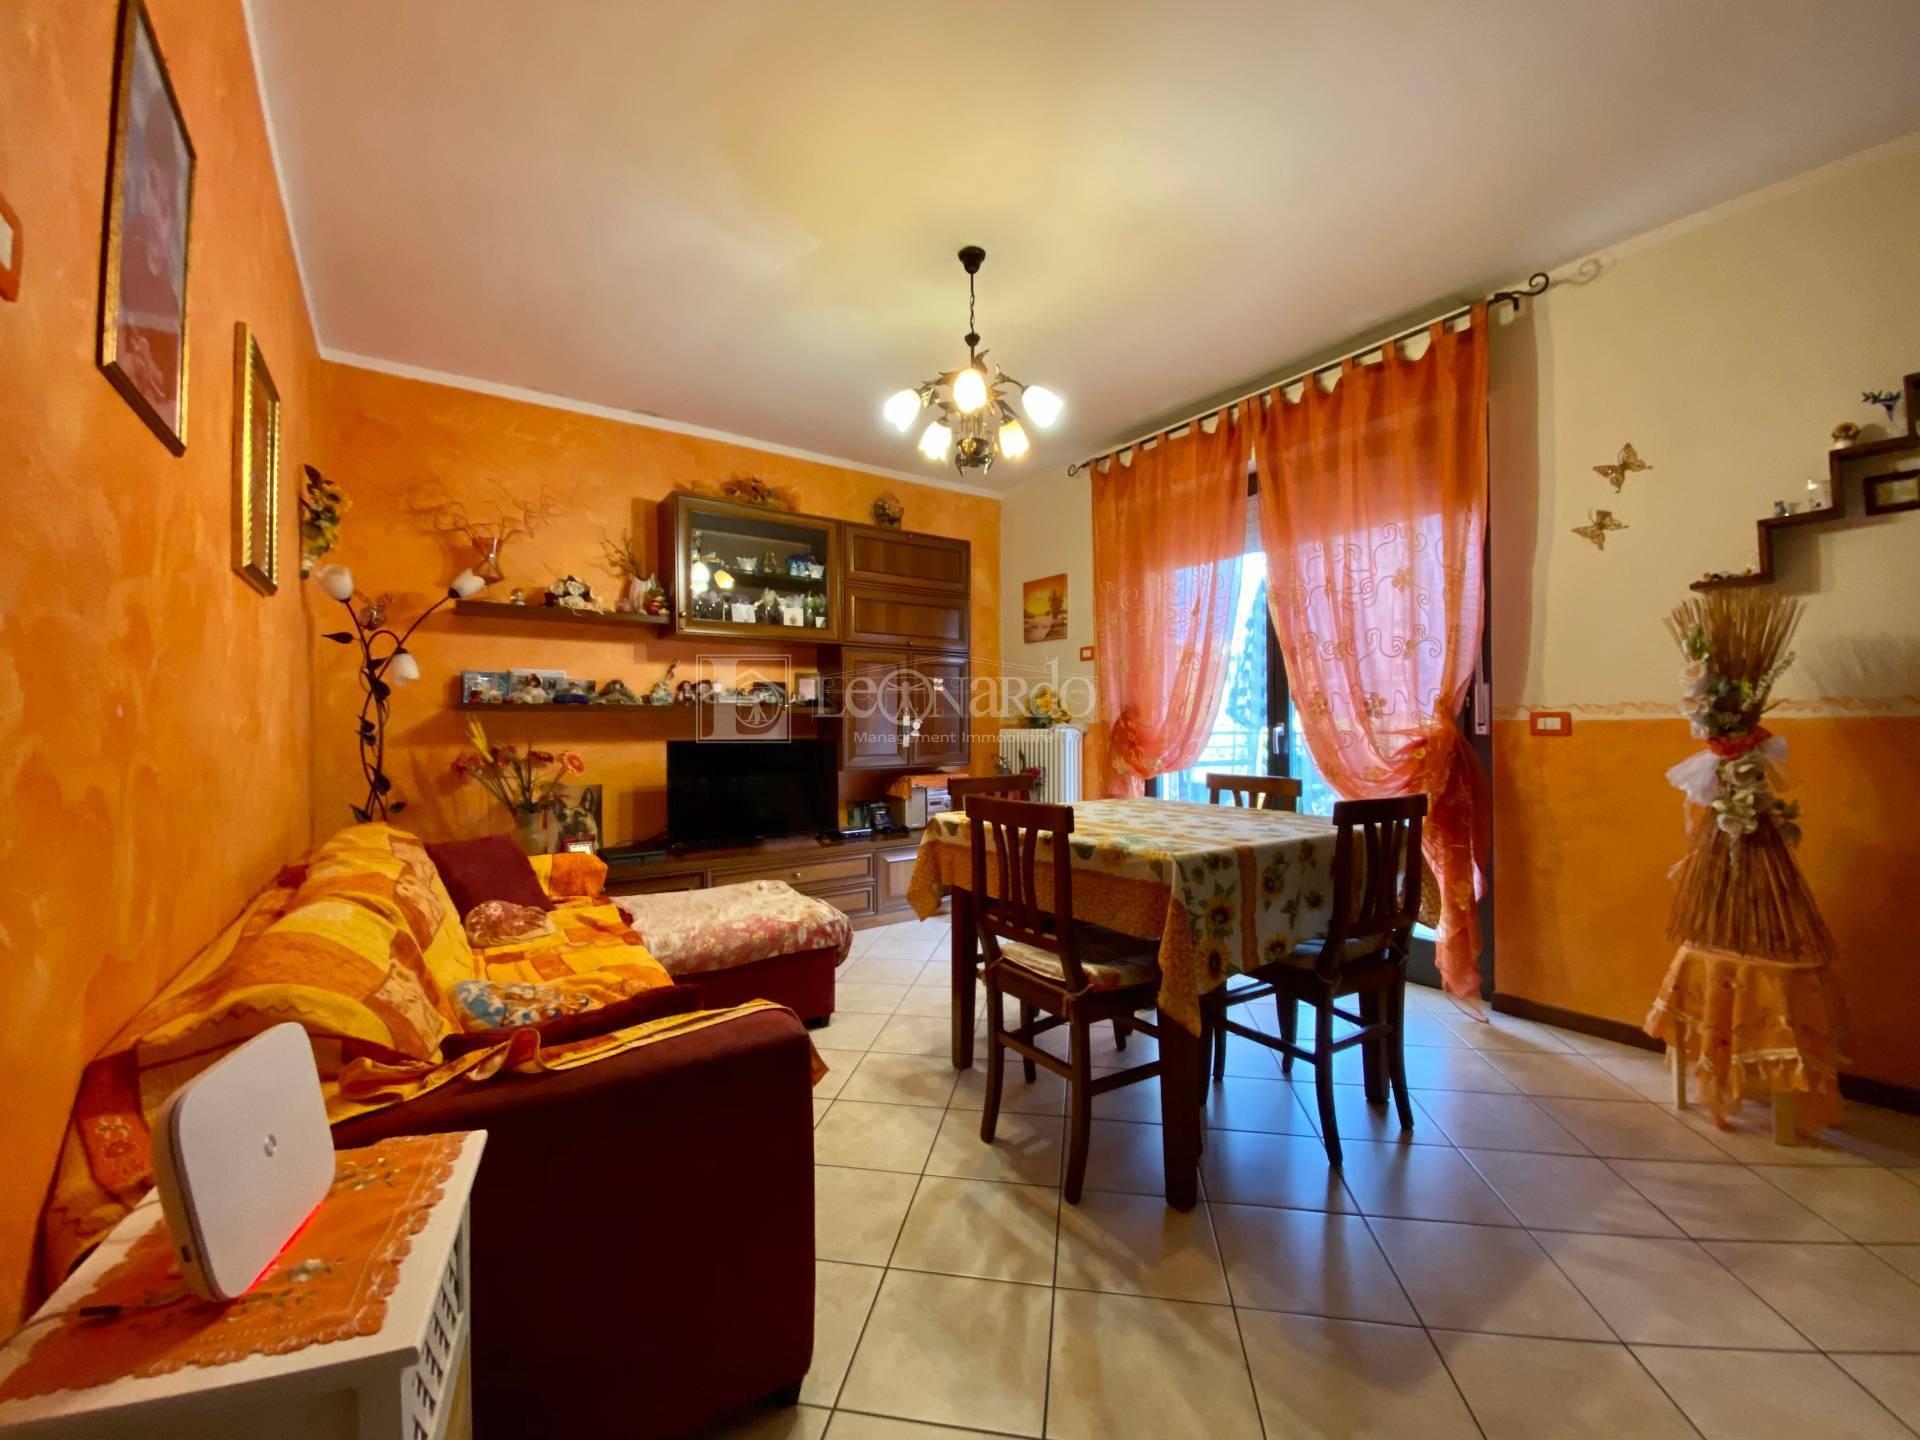 Appartamento in vendita a Spinetoli (AP)